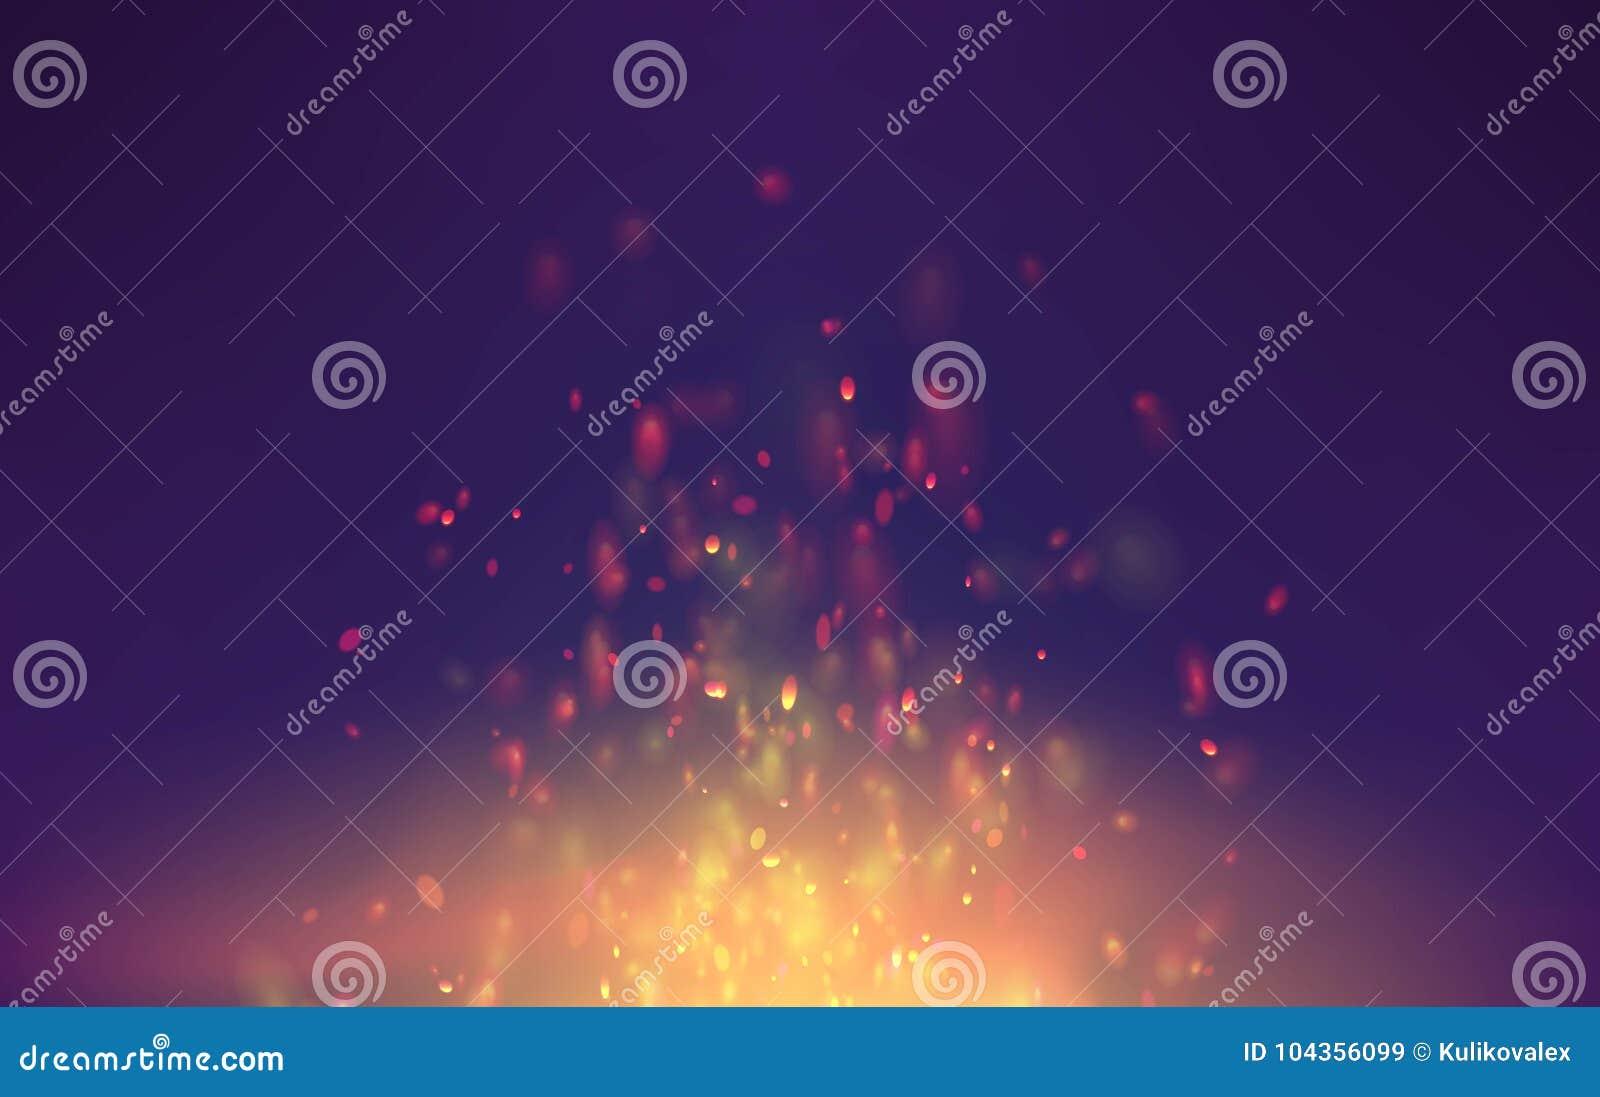 Vlam vectorachtergrond met vonkendeeltjes de fantasie vliegende vonken van de vuurrook